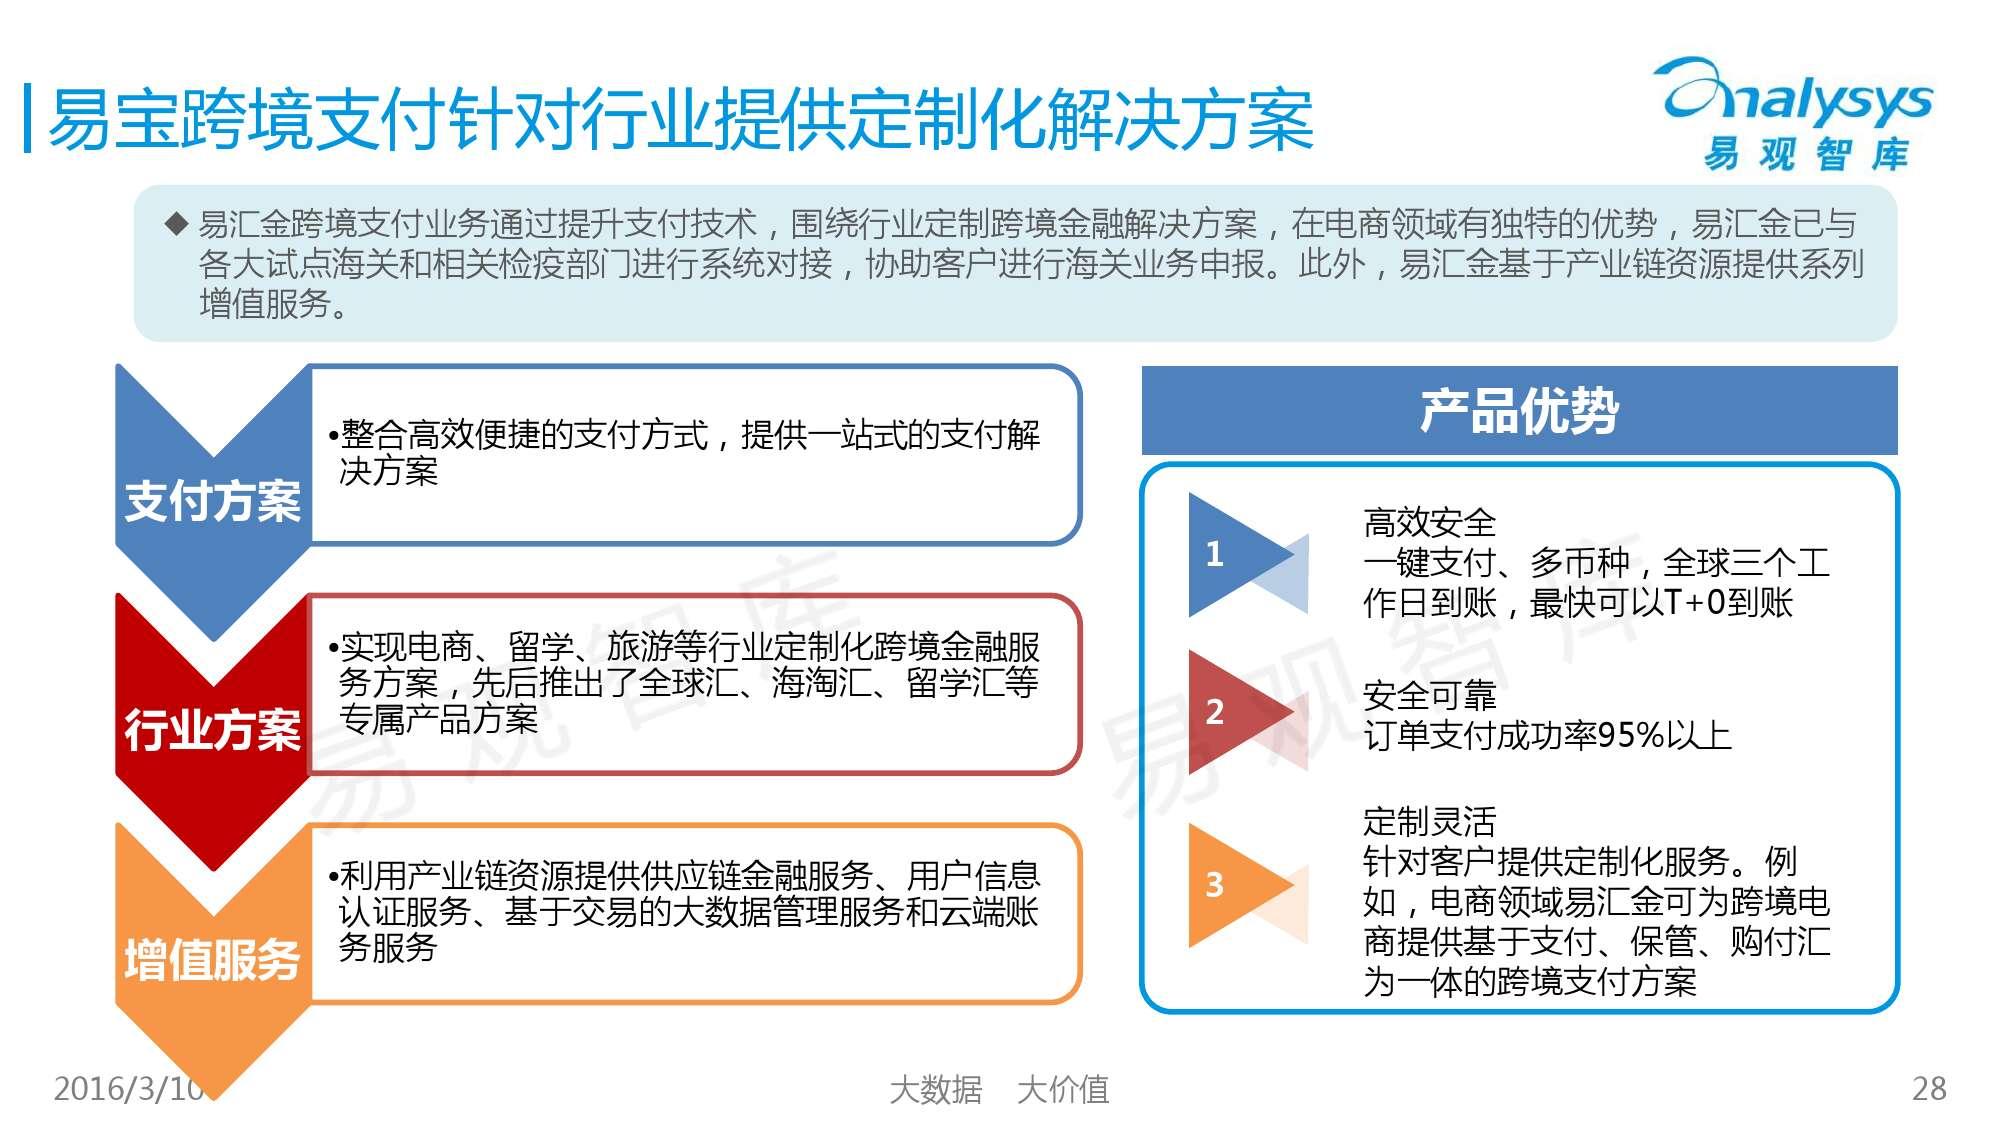 中国跨境支付市场专题研究报告2016_000028